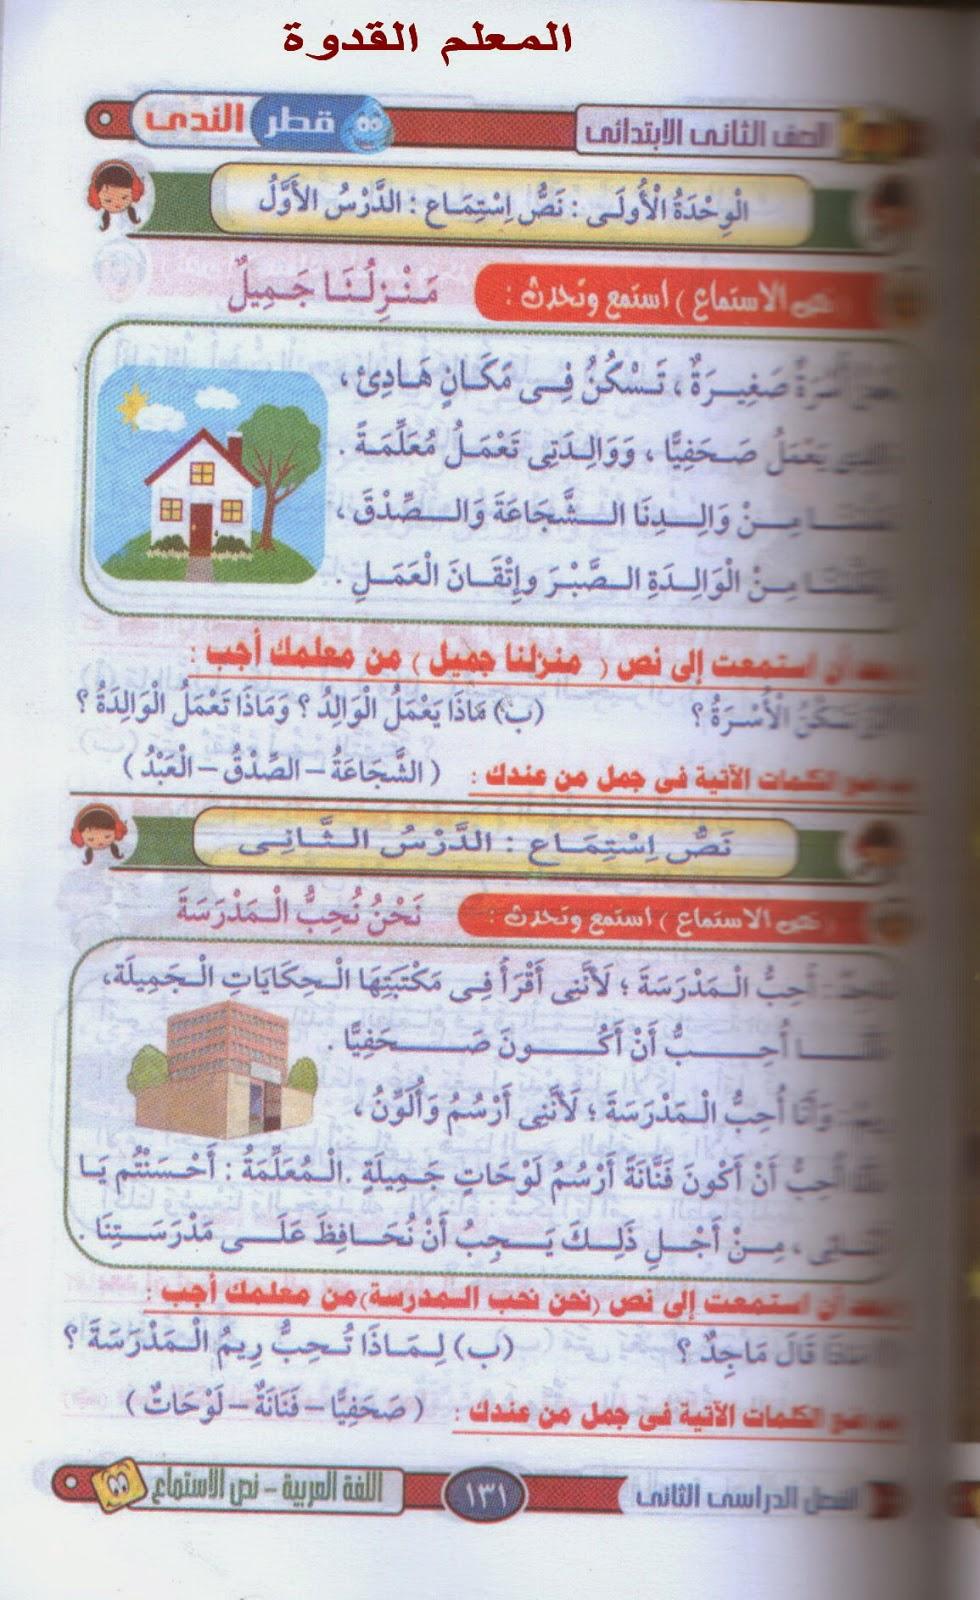 دروس اللغة العربية الكاملة الغير منهجية للصف الثانى الإبتدائى ترم ثانى 2015 2.jpg